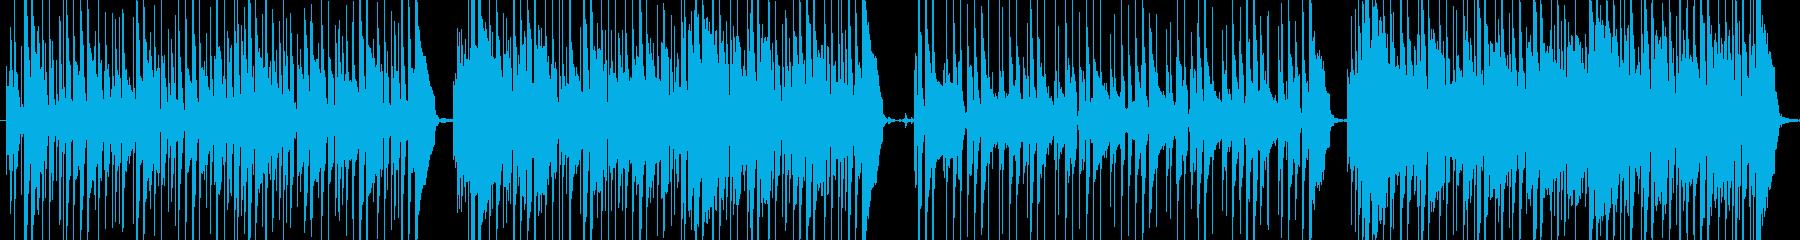 ワウギター主体の16ビートファンクの再生済みの波形